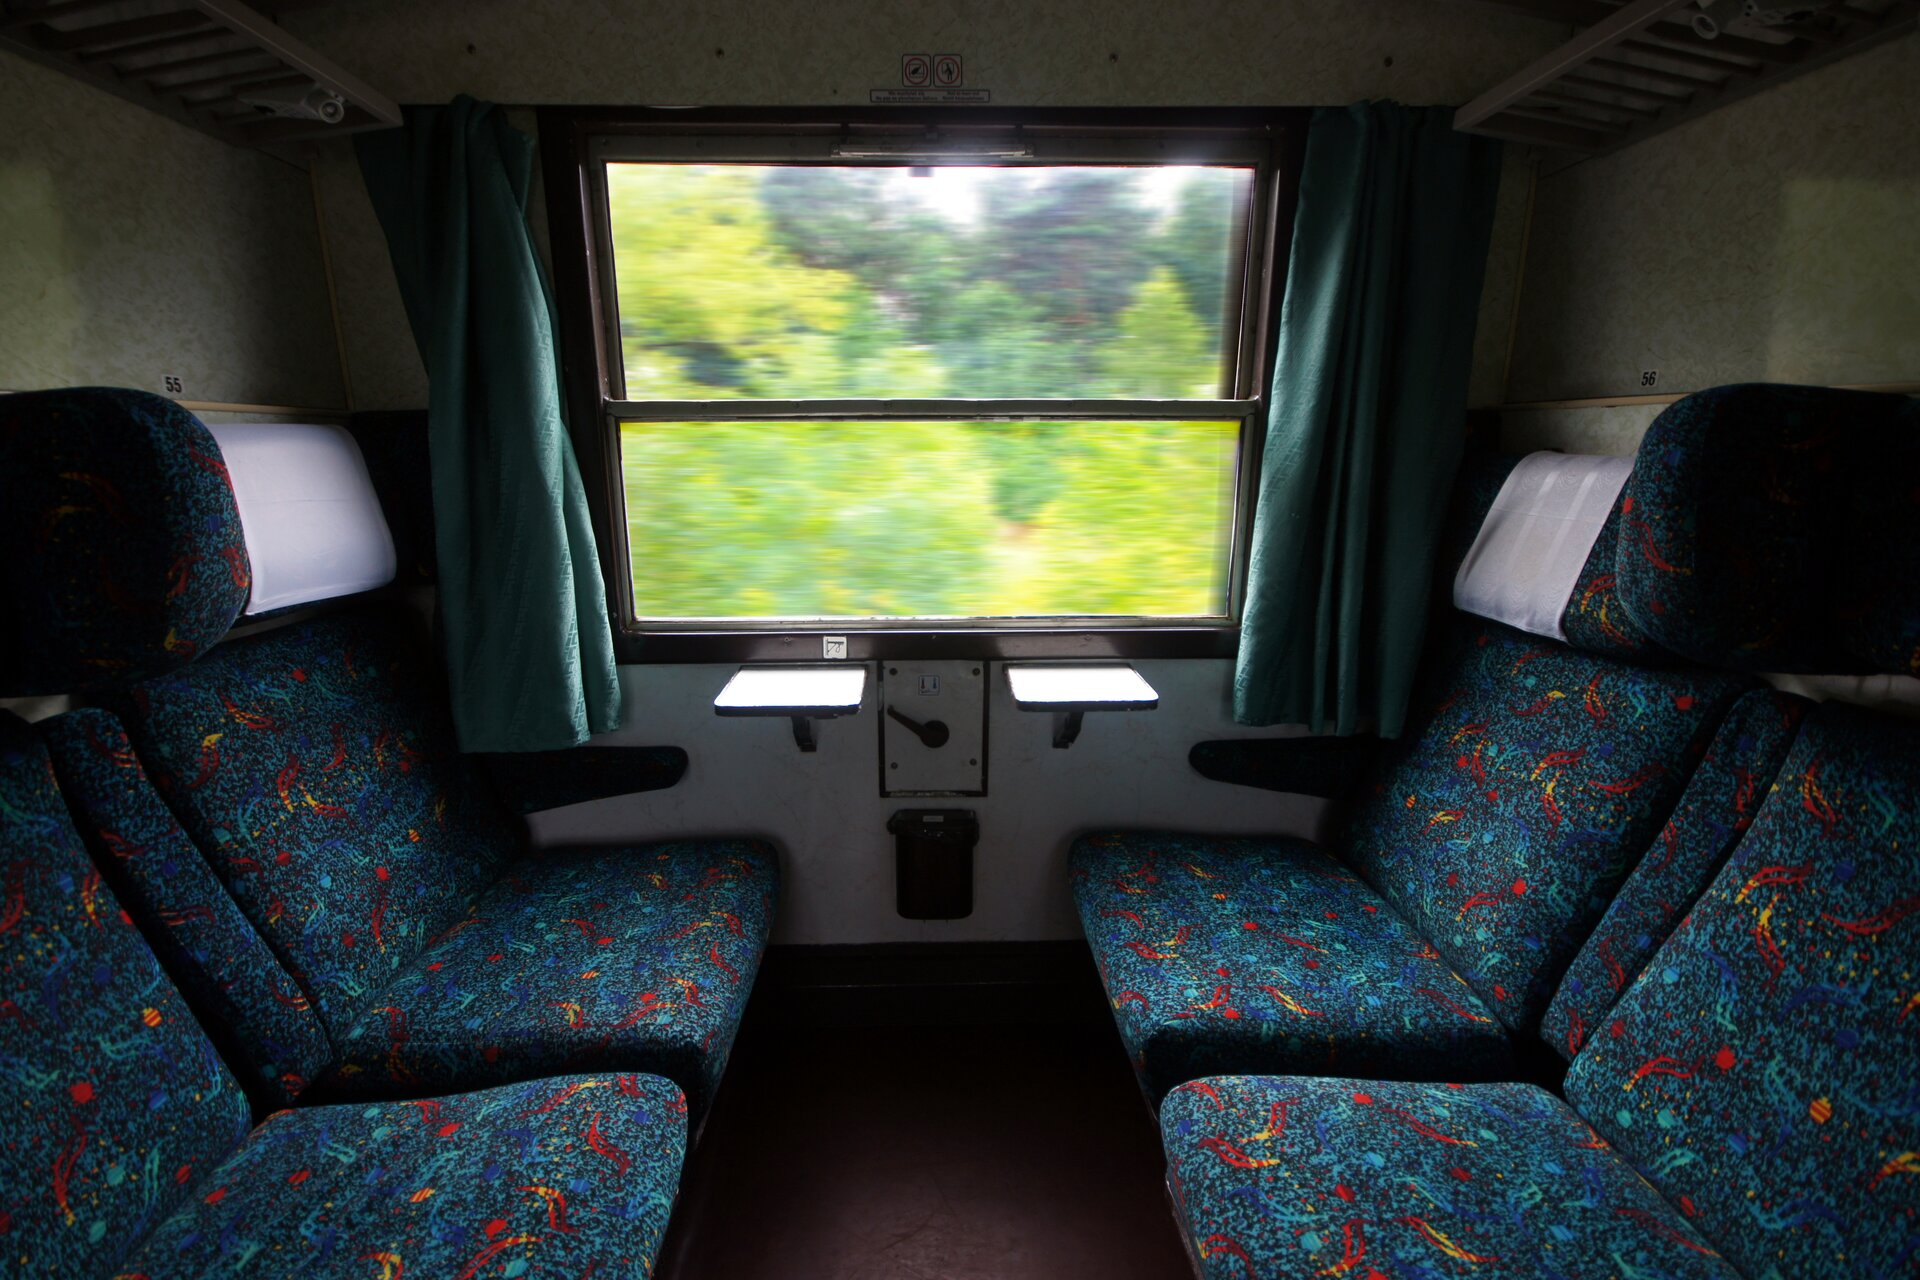 Zdjęcie przedstawia wnętrze przedziału wpociągu. Po lewej ipo prawej krzesła obite wielkokolorowym materiałem. Na wprost okno. Za oknem widać rozmazane kontury zielonych drzew.